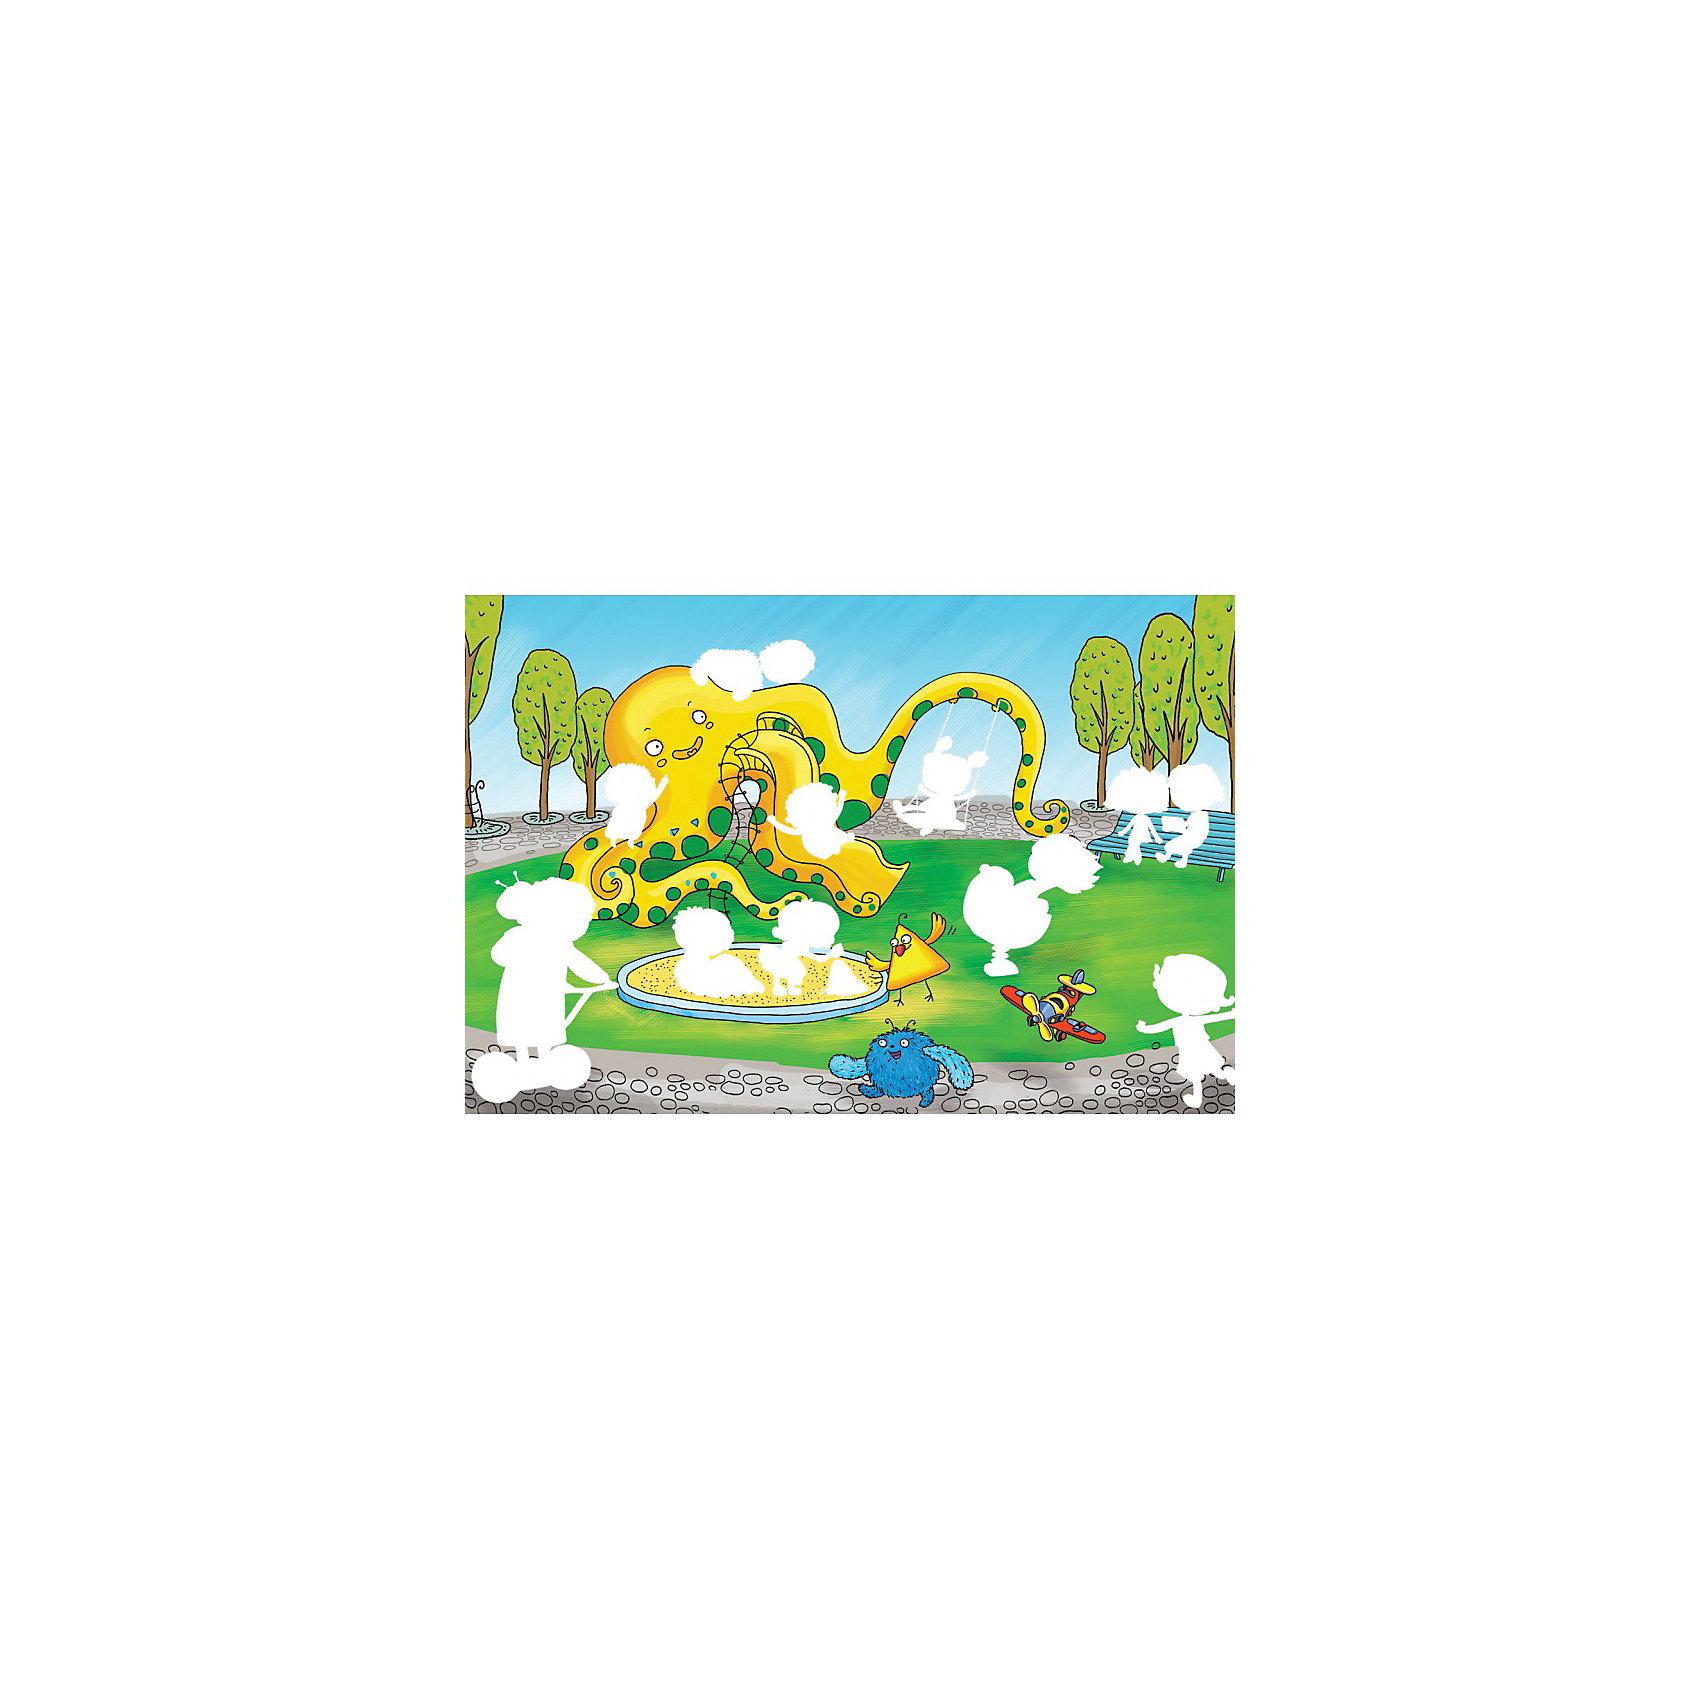 Раскраска В парке водная, 43*29 смВодные раскраски<br>Характеристики товара:<br><br>• материал: бумага<br>• размер: 29х43 см<br>• вес: 80 г<br>• комплектация: раскраска, губка<br>• развивающая<br>• возраст: от трех лет<br>• страна бренда: Финляндия<br>• страна изготовитель: Китай<br><br>Такая раскраска станет отличным подарком малышам! Она отличается тем, что для раскрашивания не нужны краски - досточно воды!. Изображения крупные, поэтому даже малышам будет легко их раскрасить. С помощью раскрашивания ребенок не только весело проведет время, он будет тренировать внимательность, абстрактное мышление, логику, усидчивость, мелкую моторику и творческие способности. <br>Раскраска выпущена в удобном формате. Изделие производится из качественных и проверенных материалов, которые безопасны для детей.<br><br>Раскраску В парке водную, 43*29 см от бренда KriBly Boo можно купить в нашем интернет-магазине.<br><br>Ширина мм: 430<br>Глубина мм: 290<br>Высота мм: 10<br>Вес г: 82<br>Возраст от месяцев: 36<br>Возраст до месяцев: 84<br>Пол: Унисекс<br>Возраст: Детский<br>SKU: 5167833